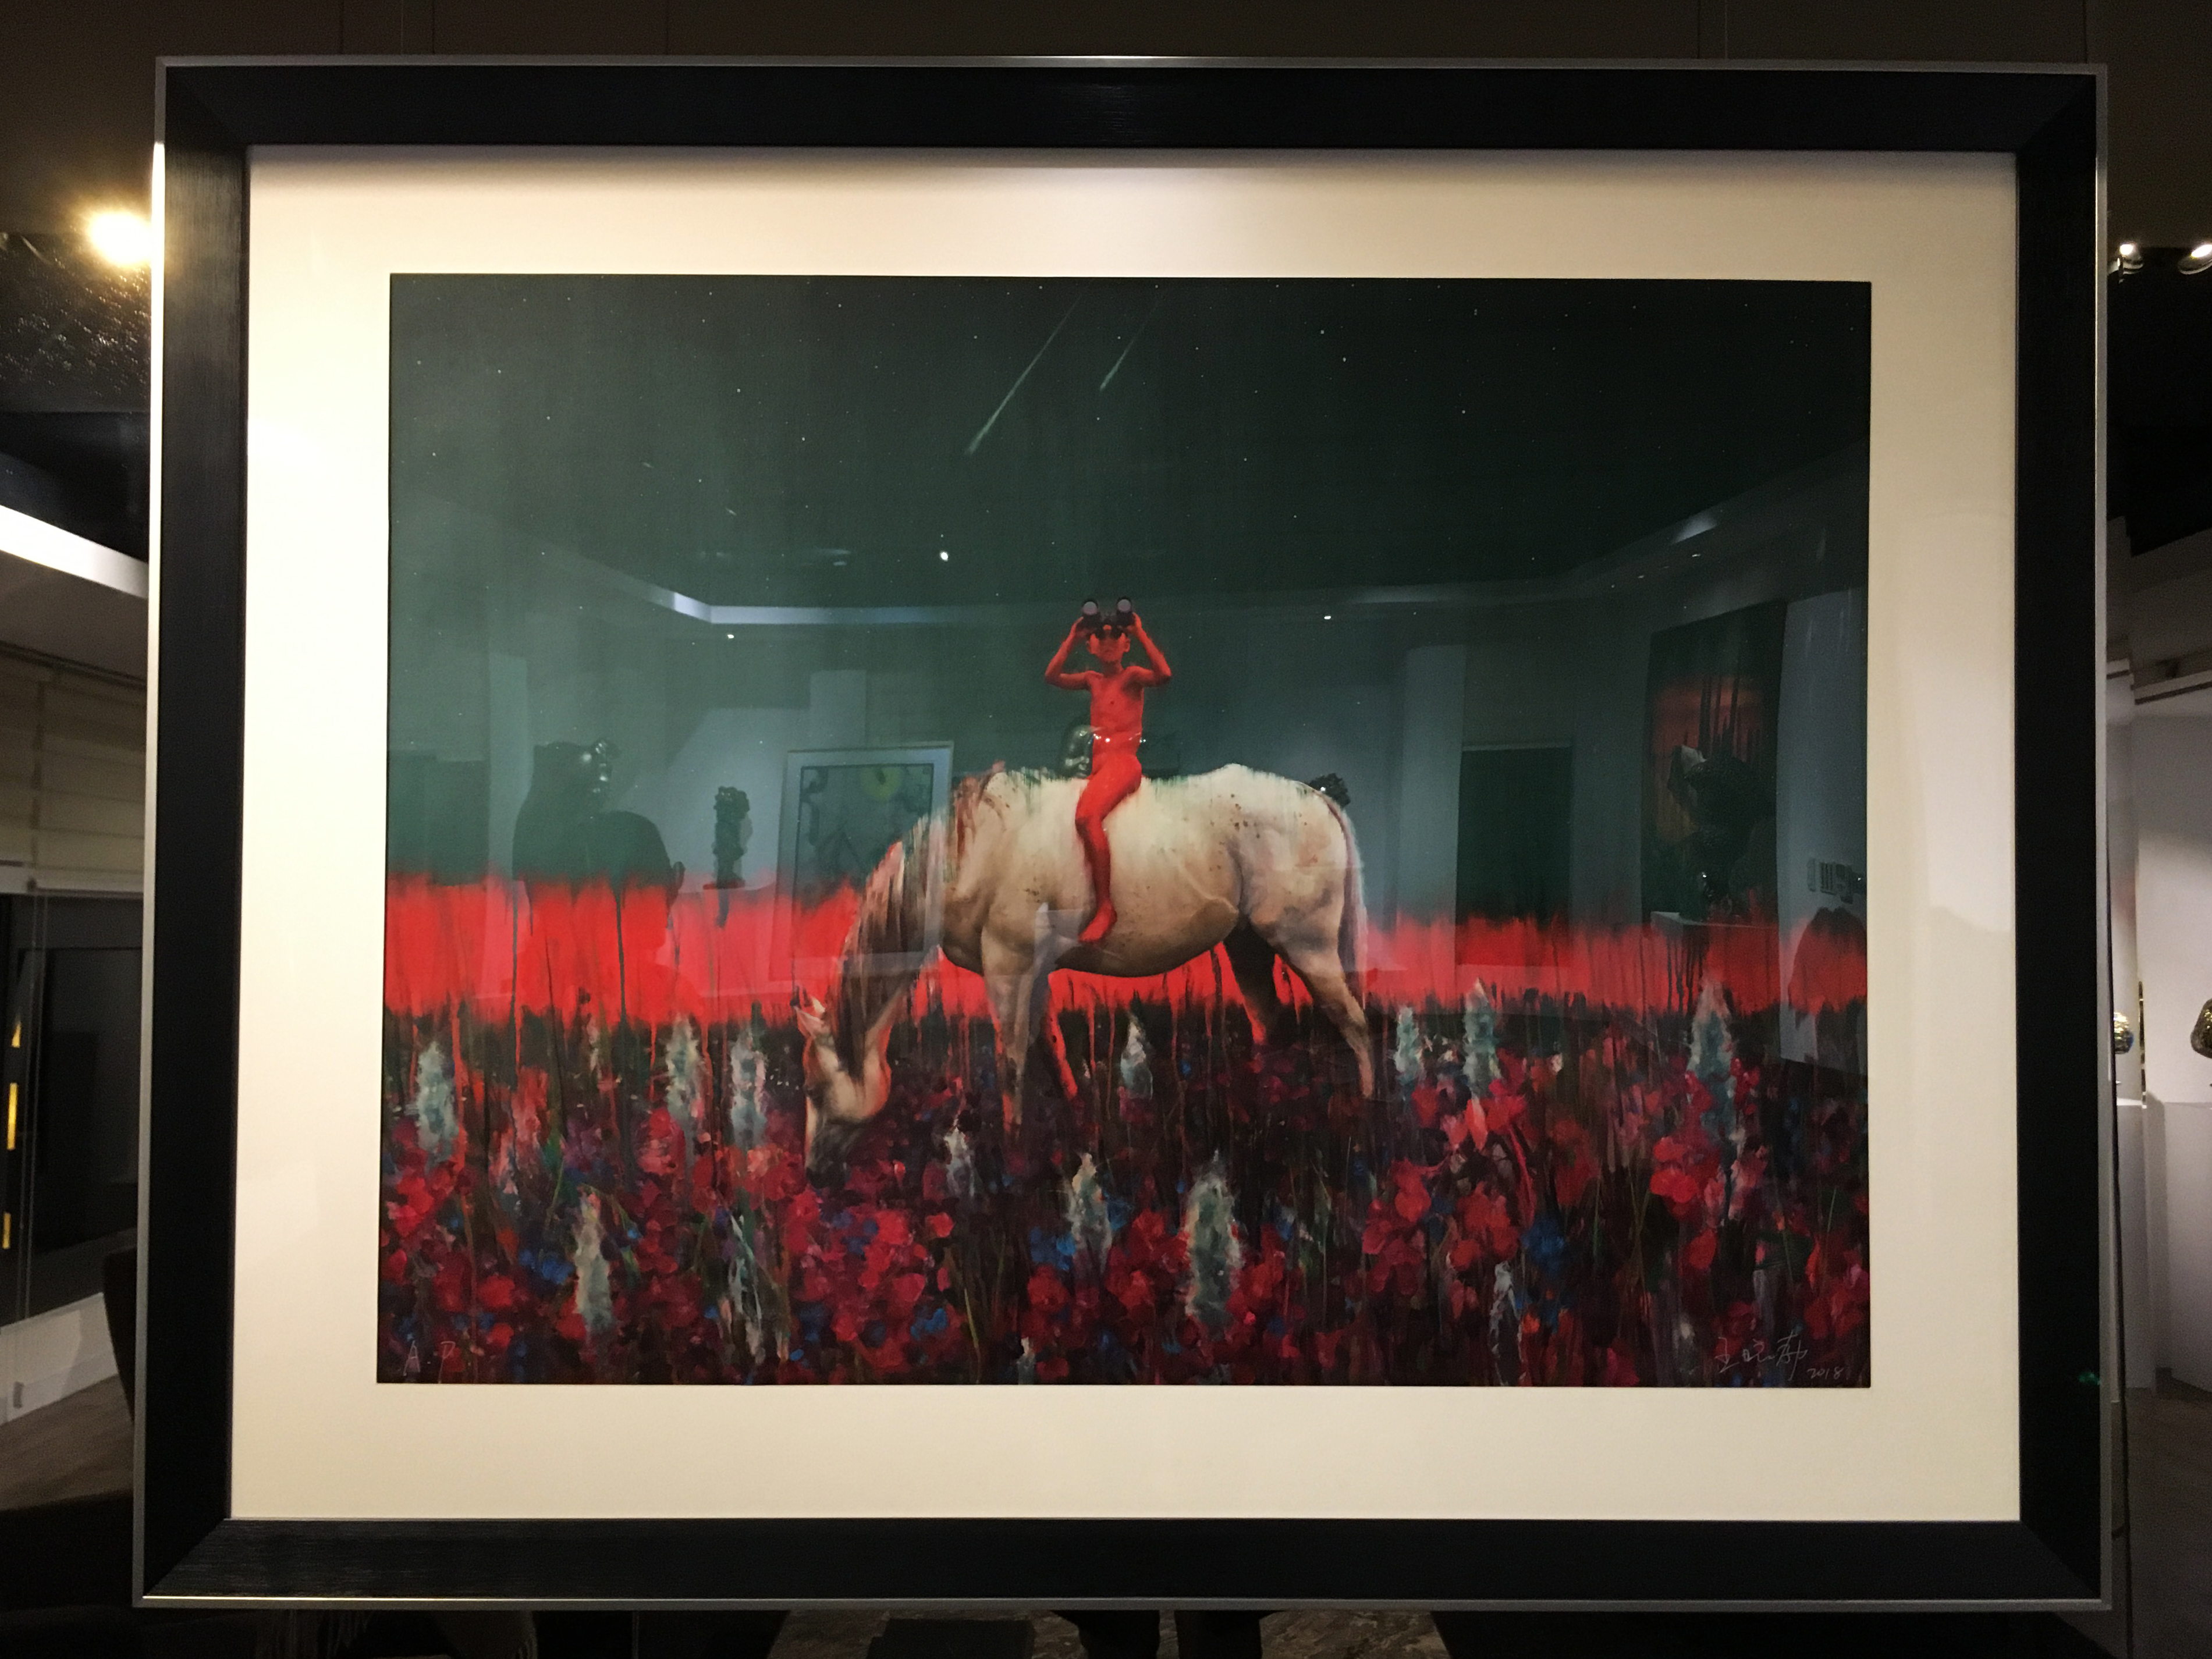 王曉勃,《尋找光明No.1》,150 x 200 cm,布面油畫,2018。